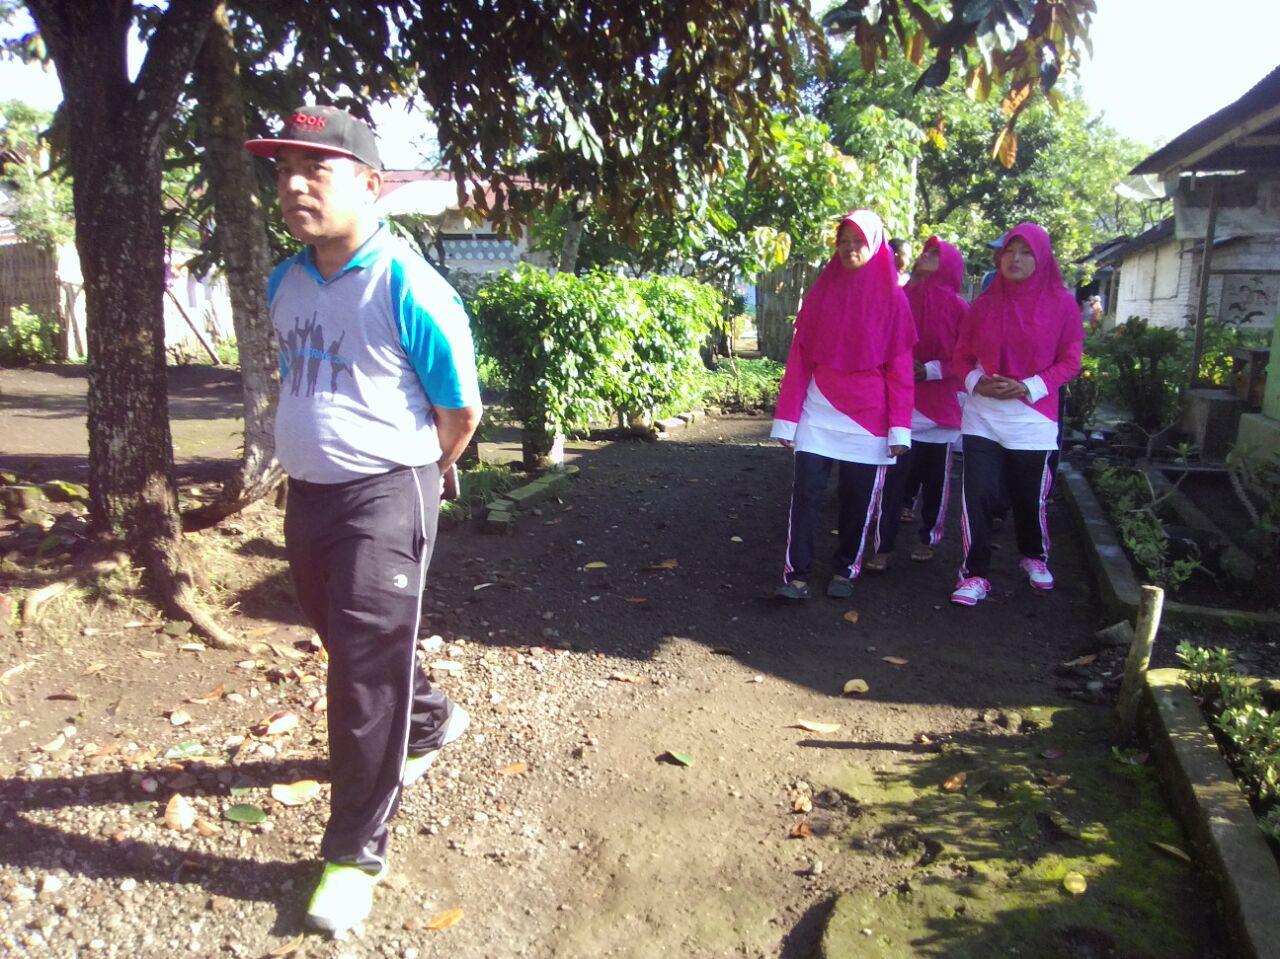 Talk The Walk 2016 Kopi Bubuk By Ridha Utama Smg Setelah Keliling Lingkungan 2 Foto Ibu Ketua Ranting Bersama Dan Wakil Cabang Penyerahan Hadiah Lomba